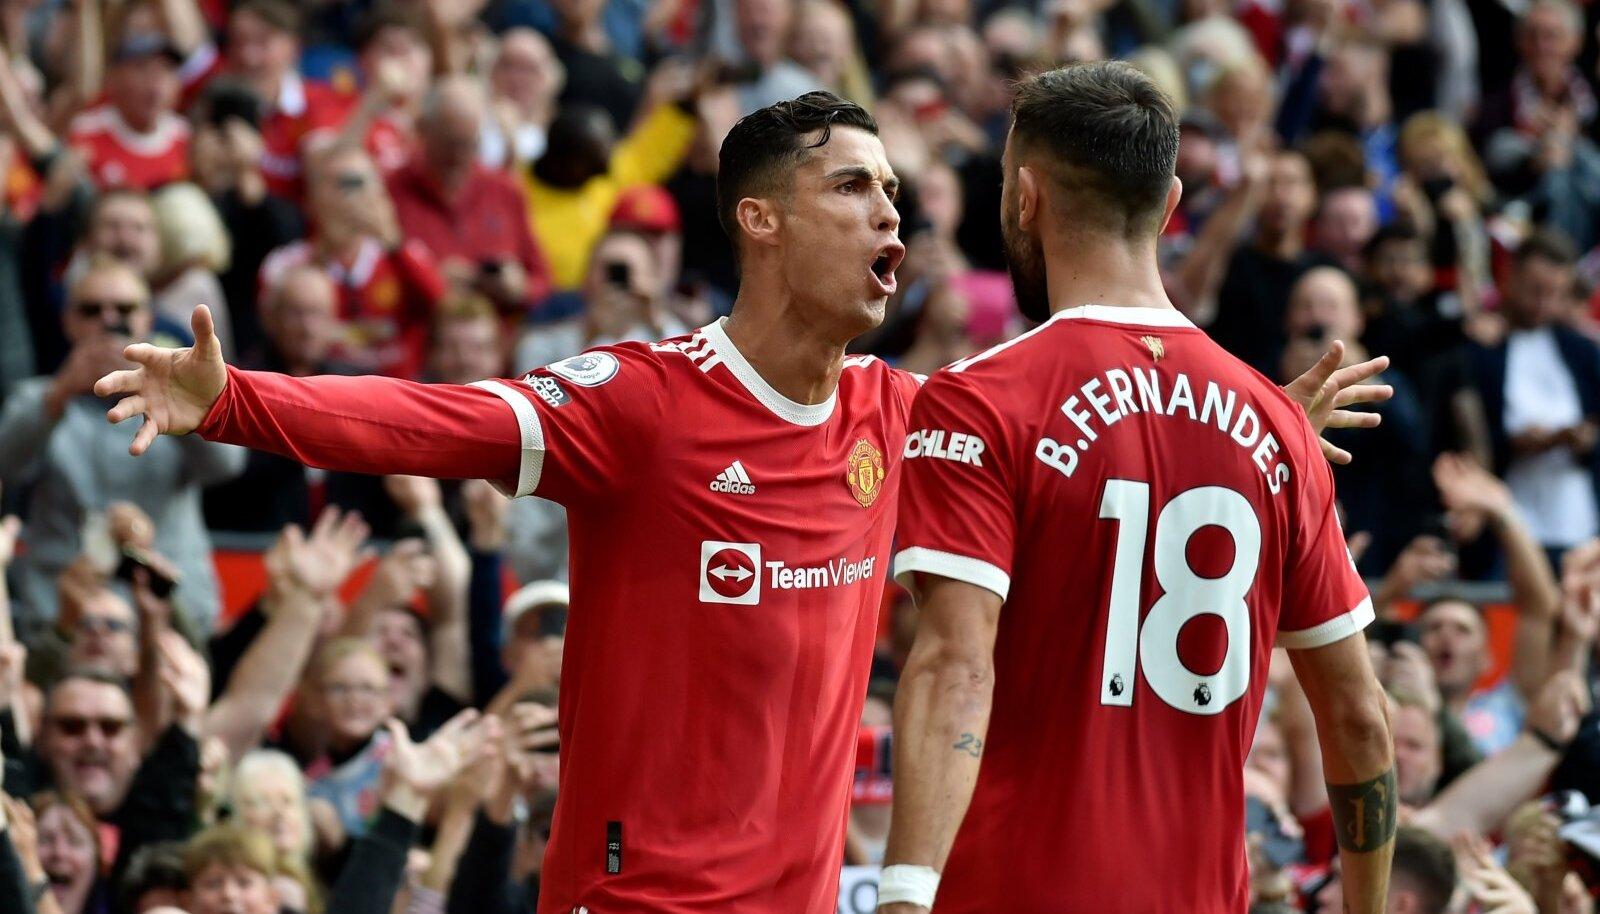 Cristiano Ronaldo tõi Manchester Unitedisse tagasi suured ootused ja lootused.